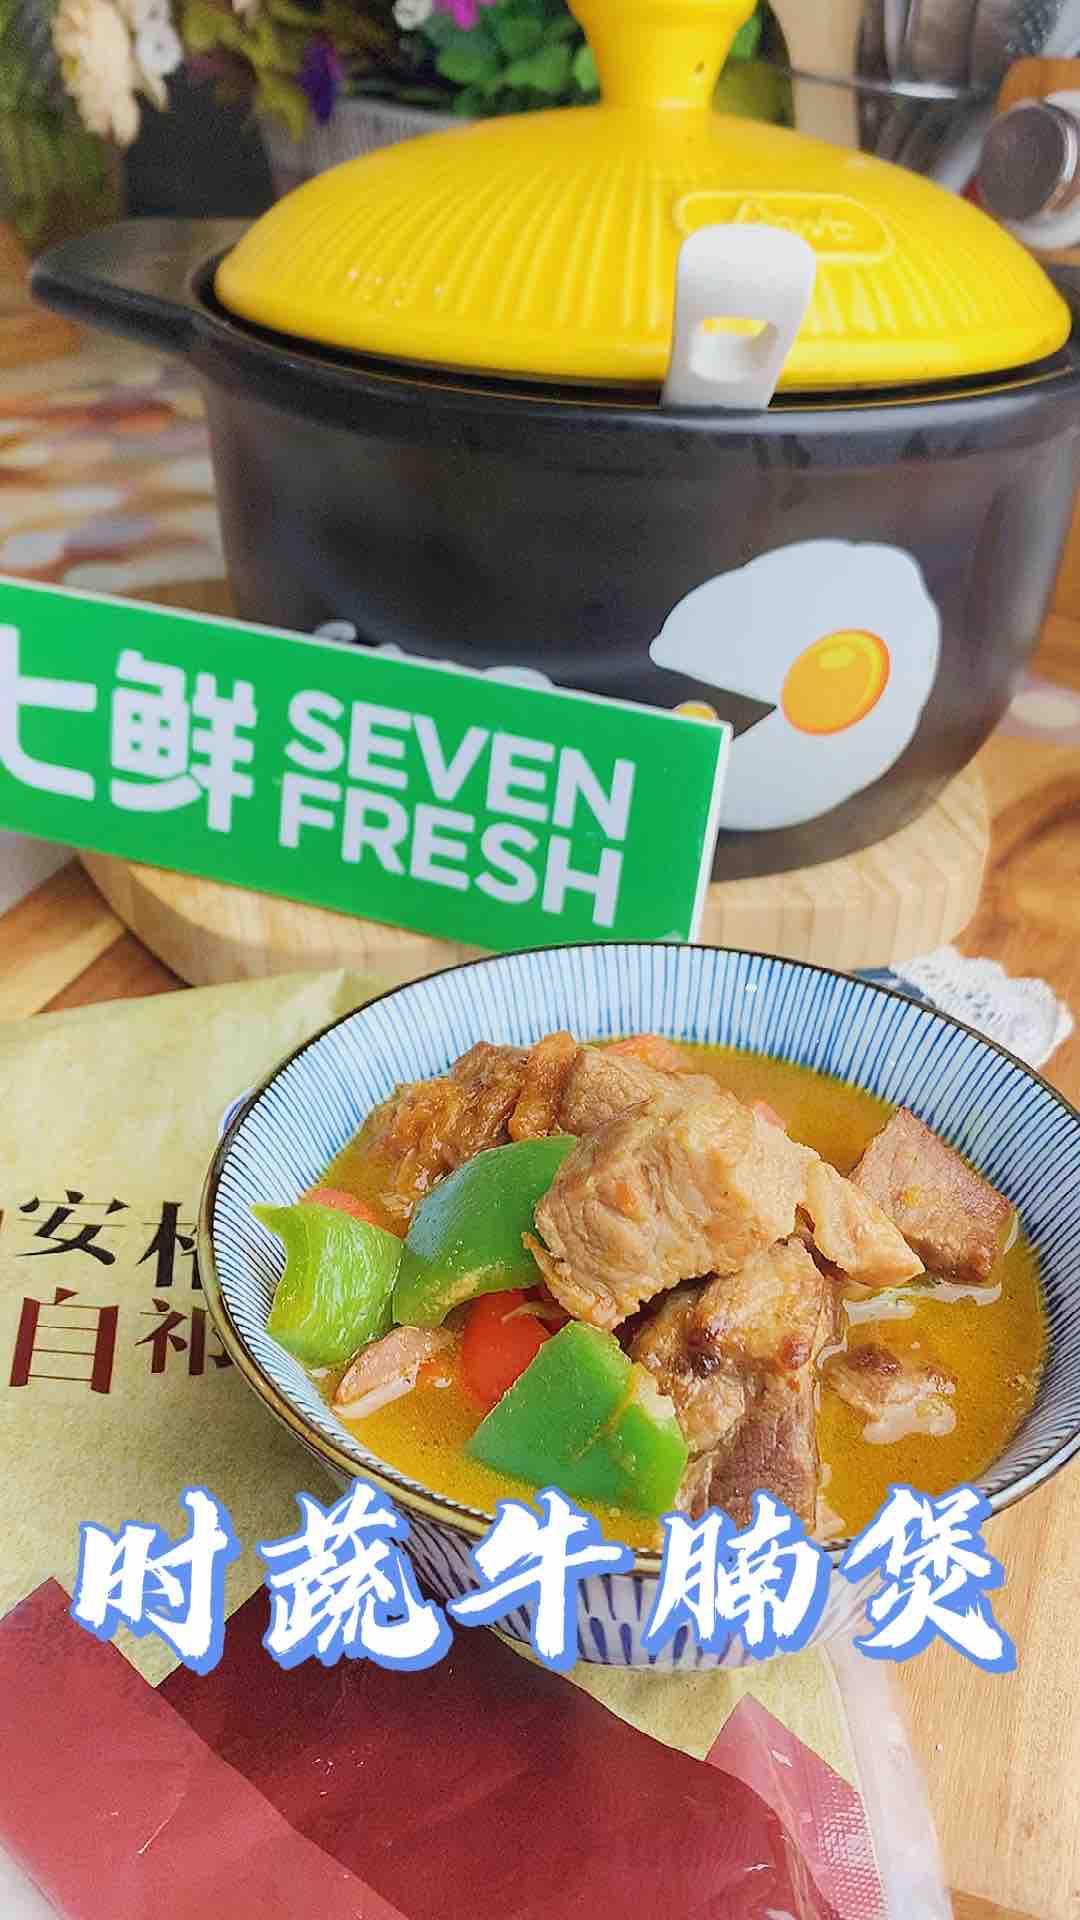 春节家宴营养煲,有时蔬有牛腩,荤素搭配营养均衡